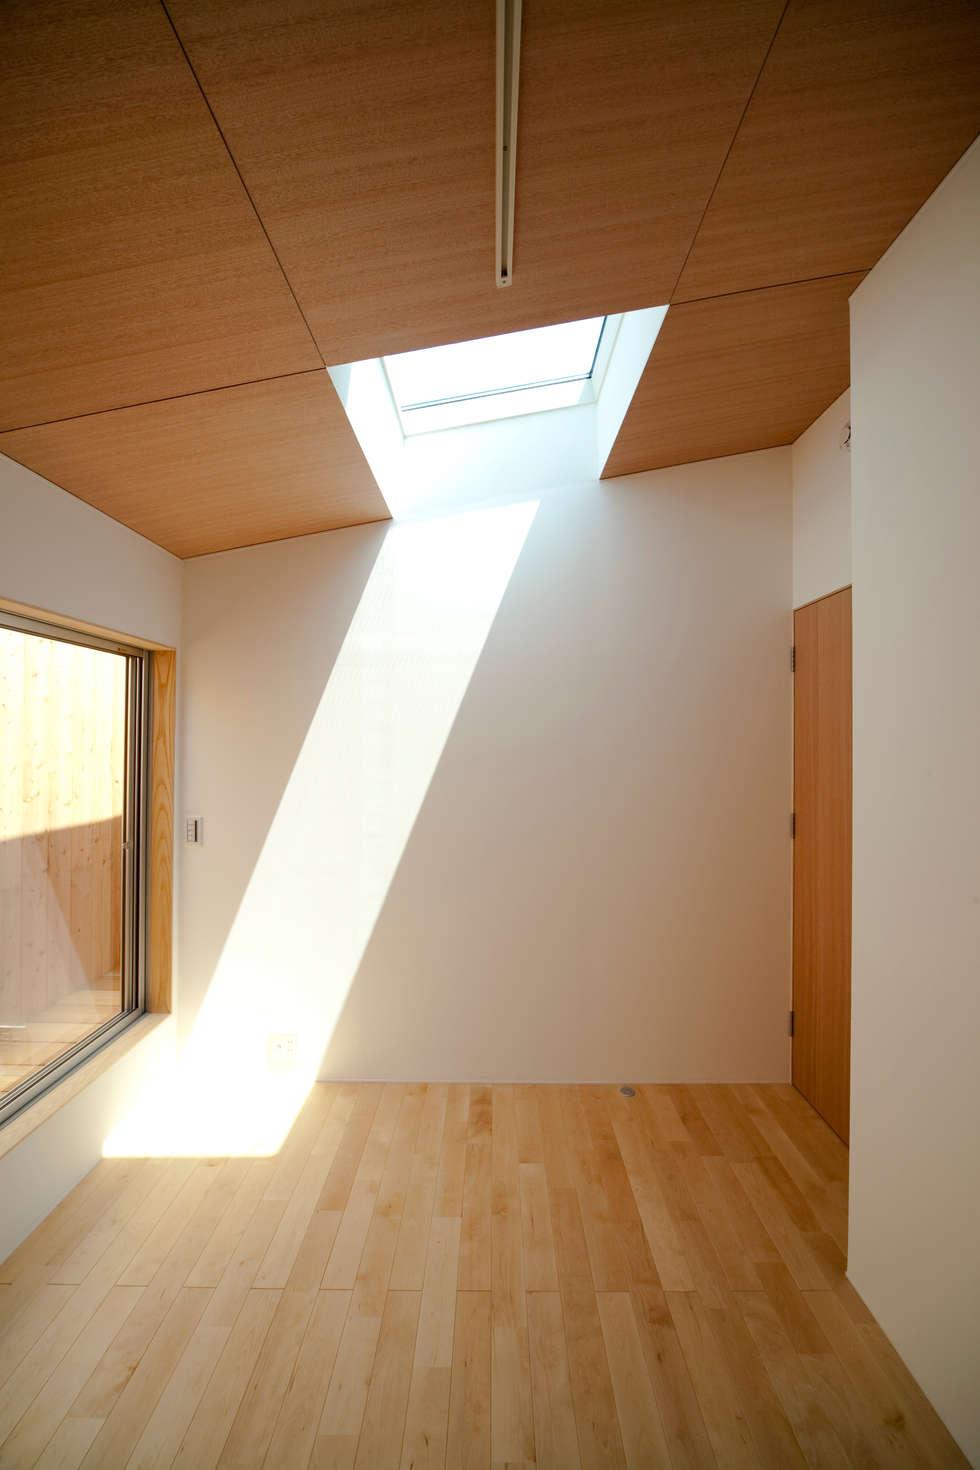 個室−1: 有限会社クリエデザイン/CRÉER DESIGN Ltd.が手掛けた寝室です。